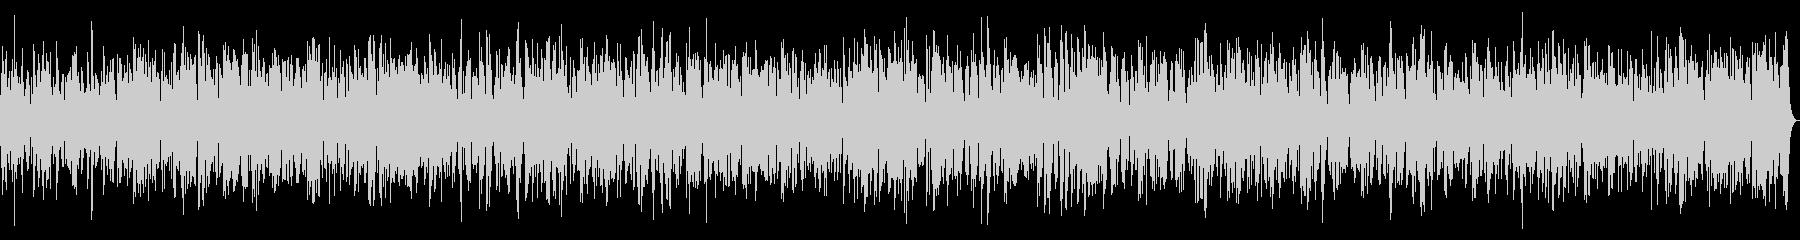 透明感のあるヒーリングビブラフォンBGMの未再生の波形